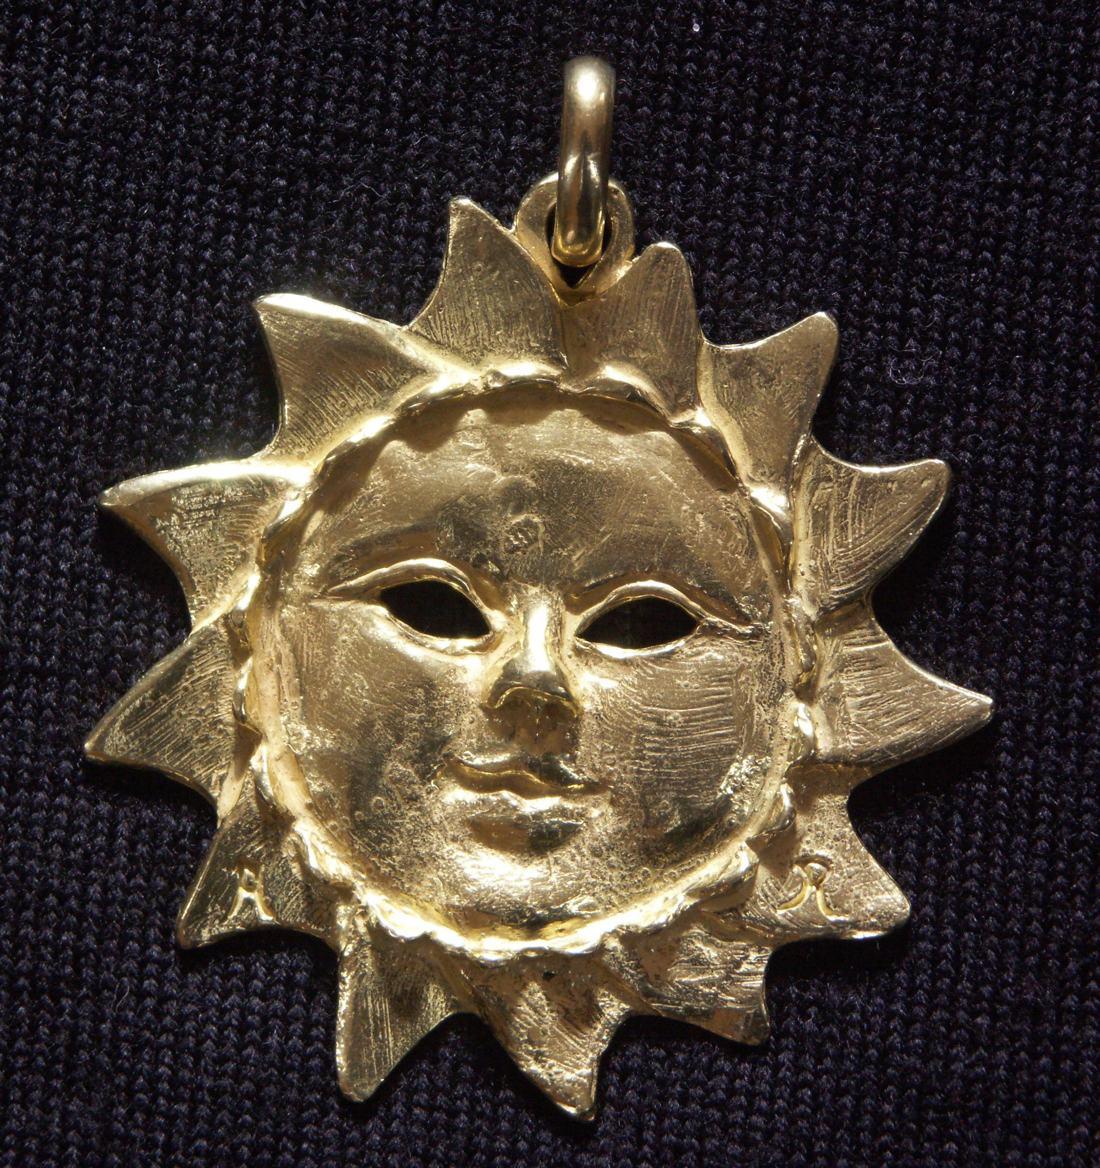 Gioielli in una sola raccolta - Grande Sole Oro